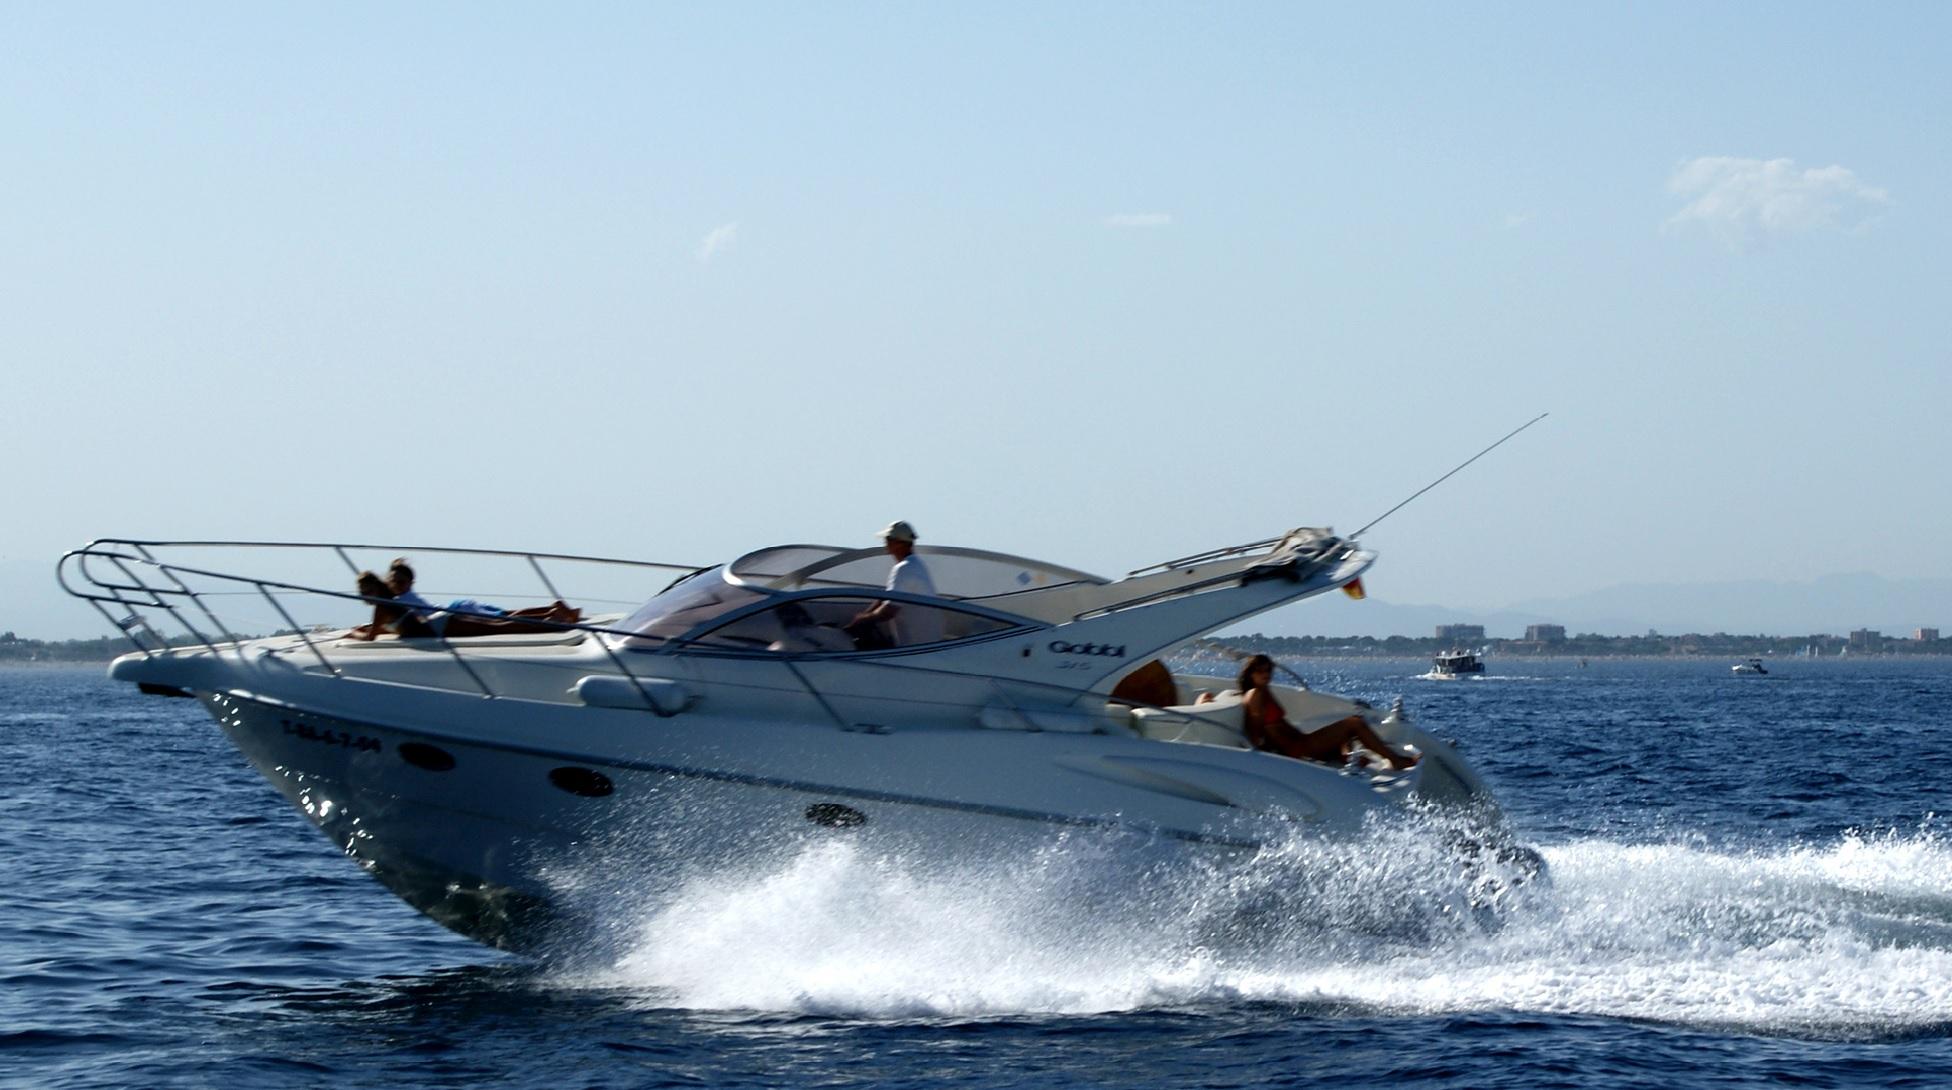 Typisches Boot das mit dem Sportbootführerschein See geführt werden darf.